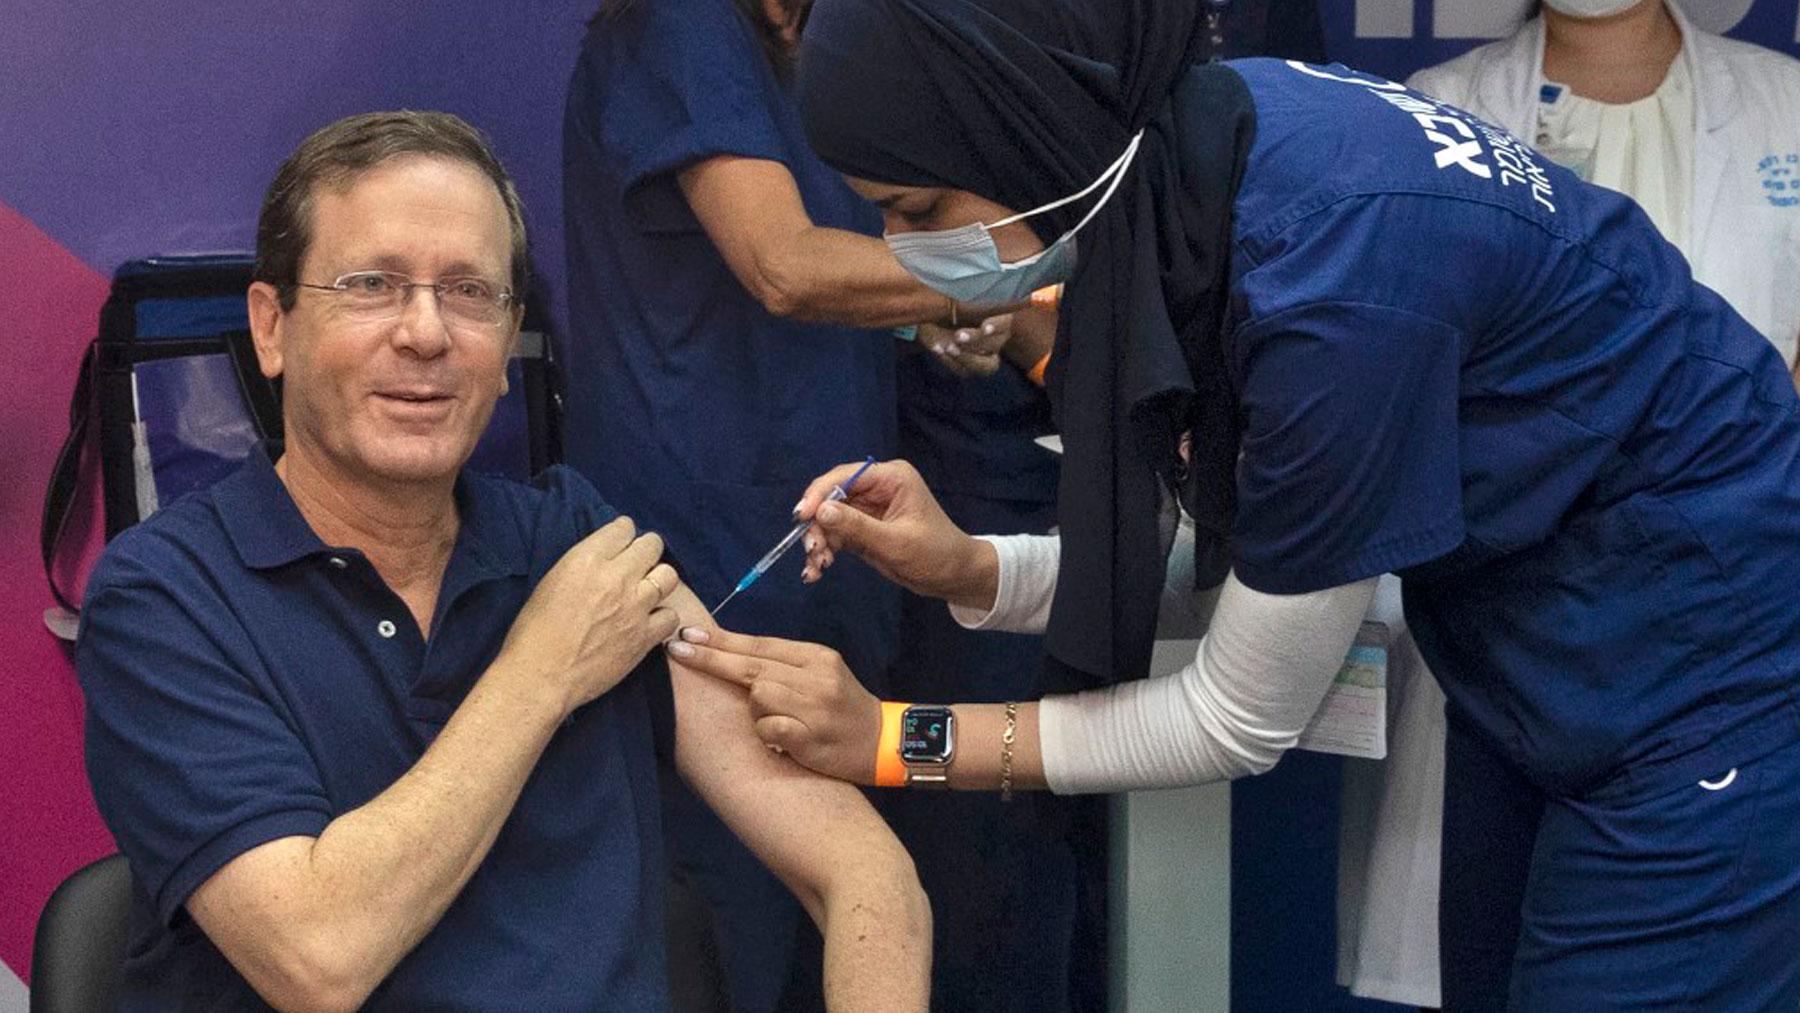 El presidente de Israel, Isaac Herzog, recibiendo la tercera dosis de la vacuna contra el Covid. Foto: AFP